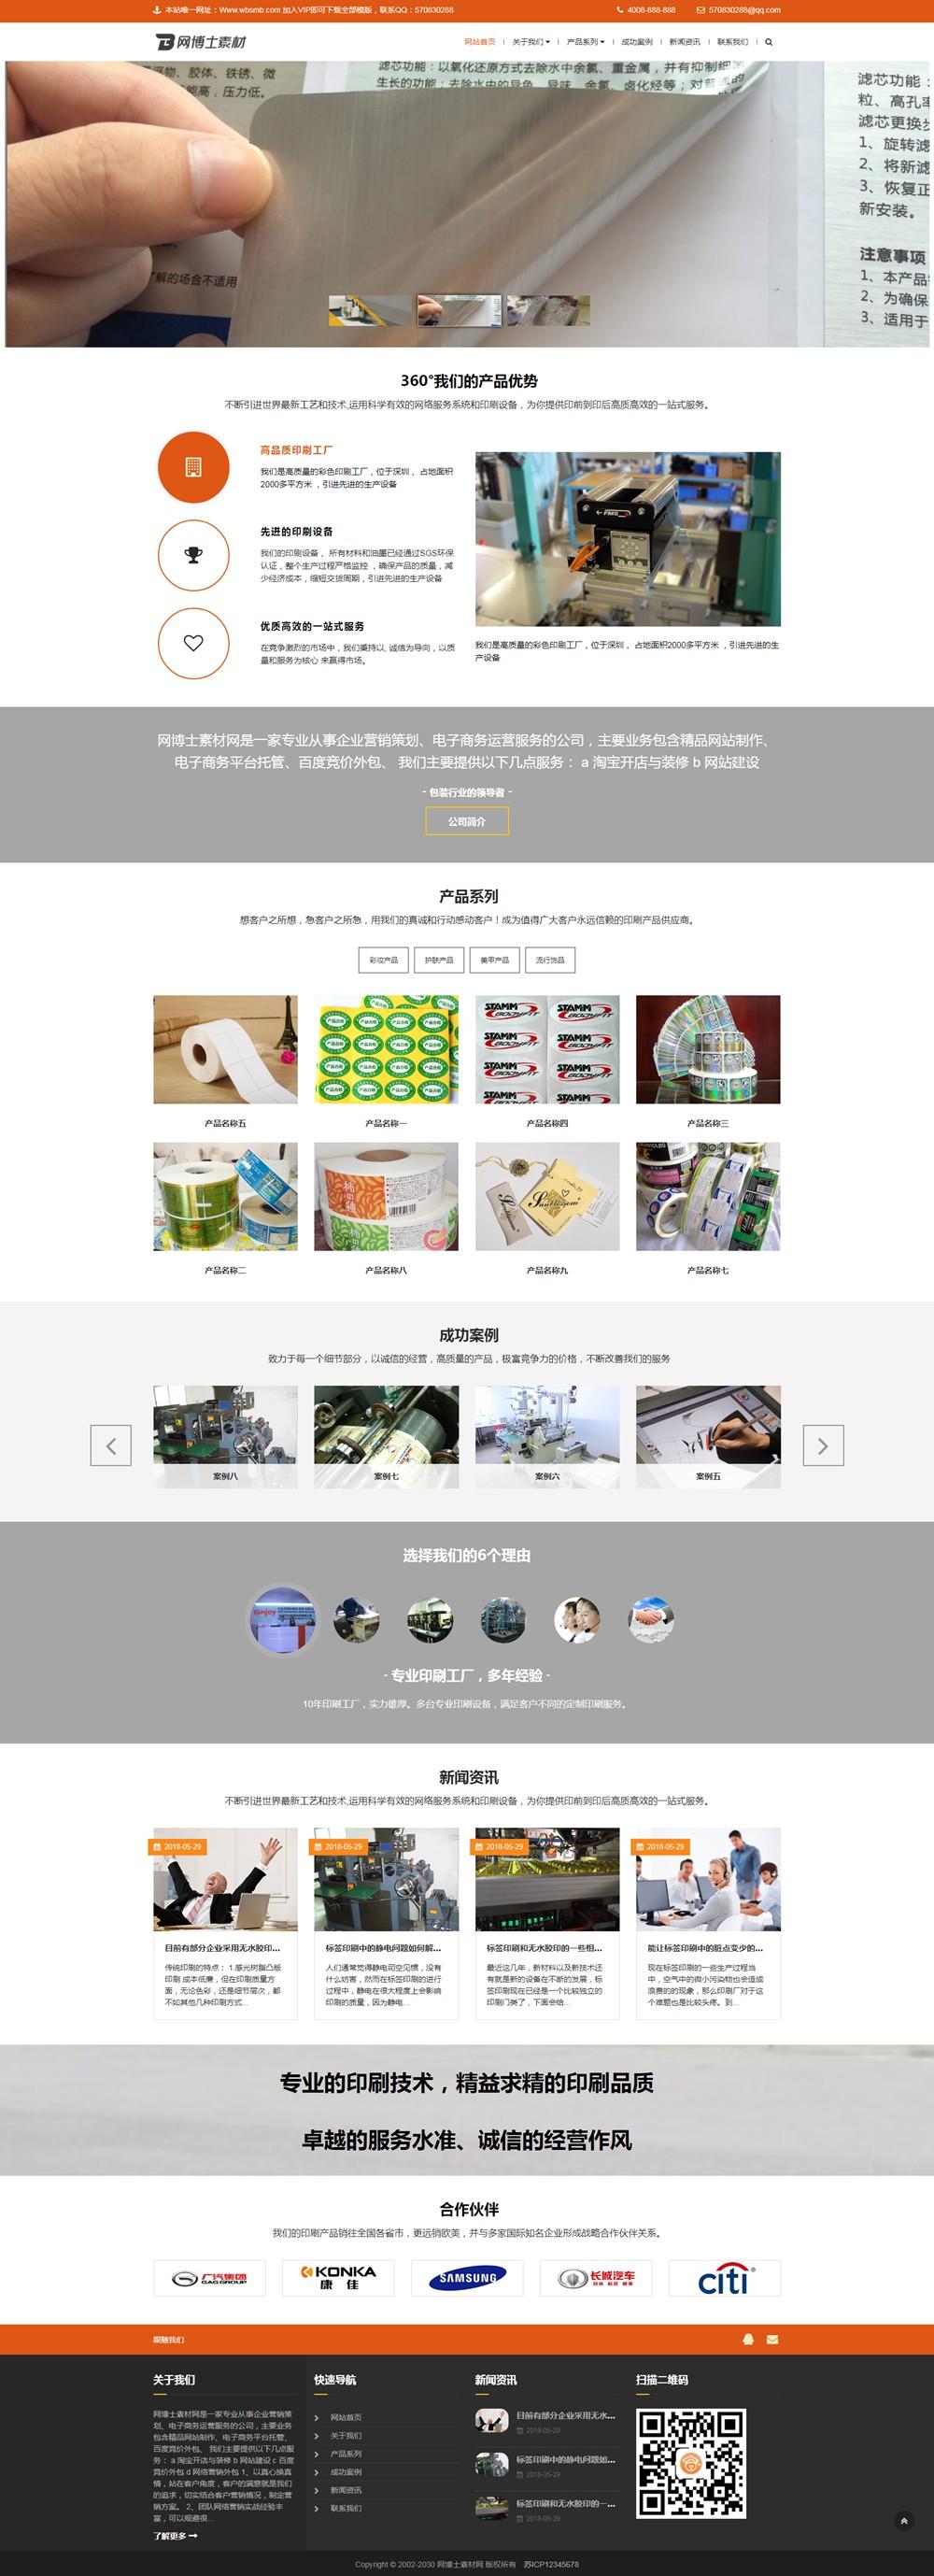 (自适应手机版)响应式防伪标签彩色印刷品类网站织梦模板 HTML5打印印刷类网站源码